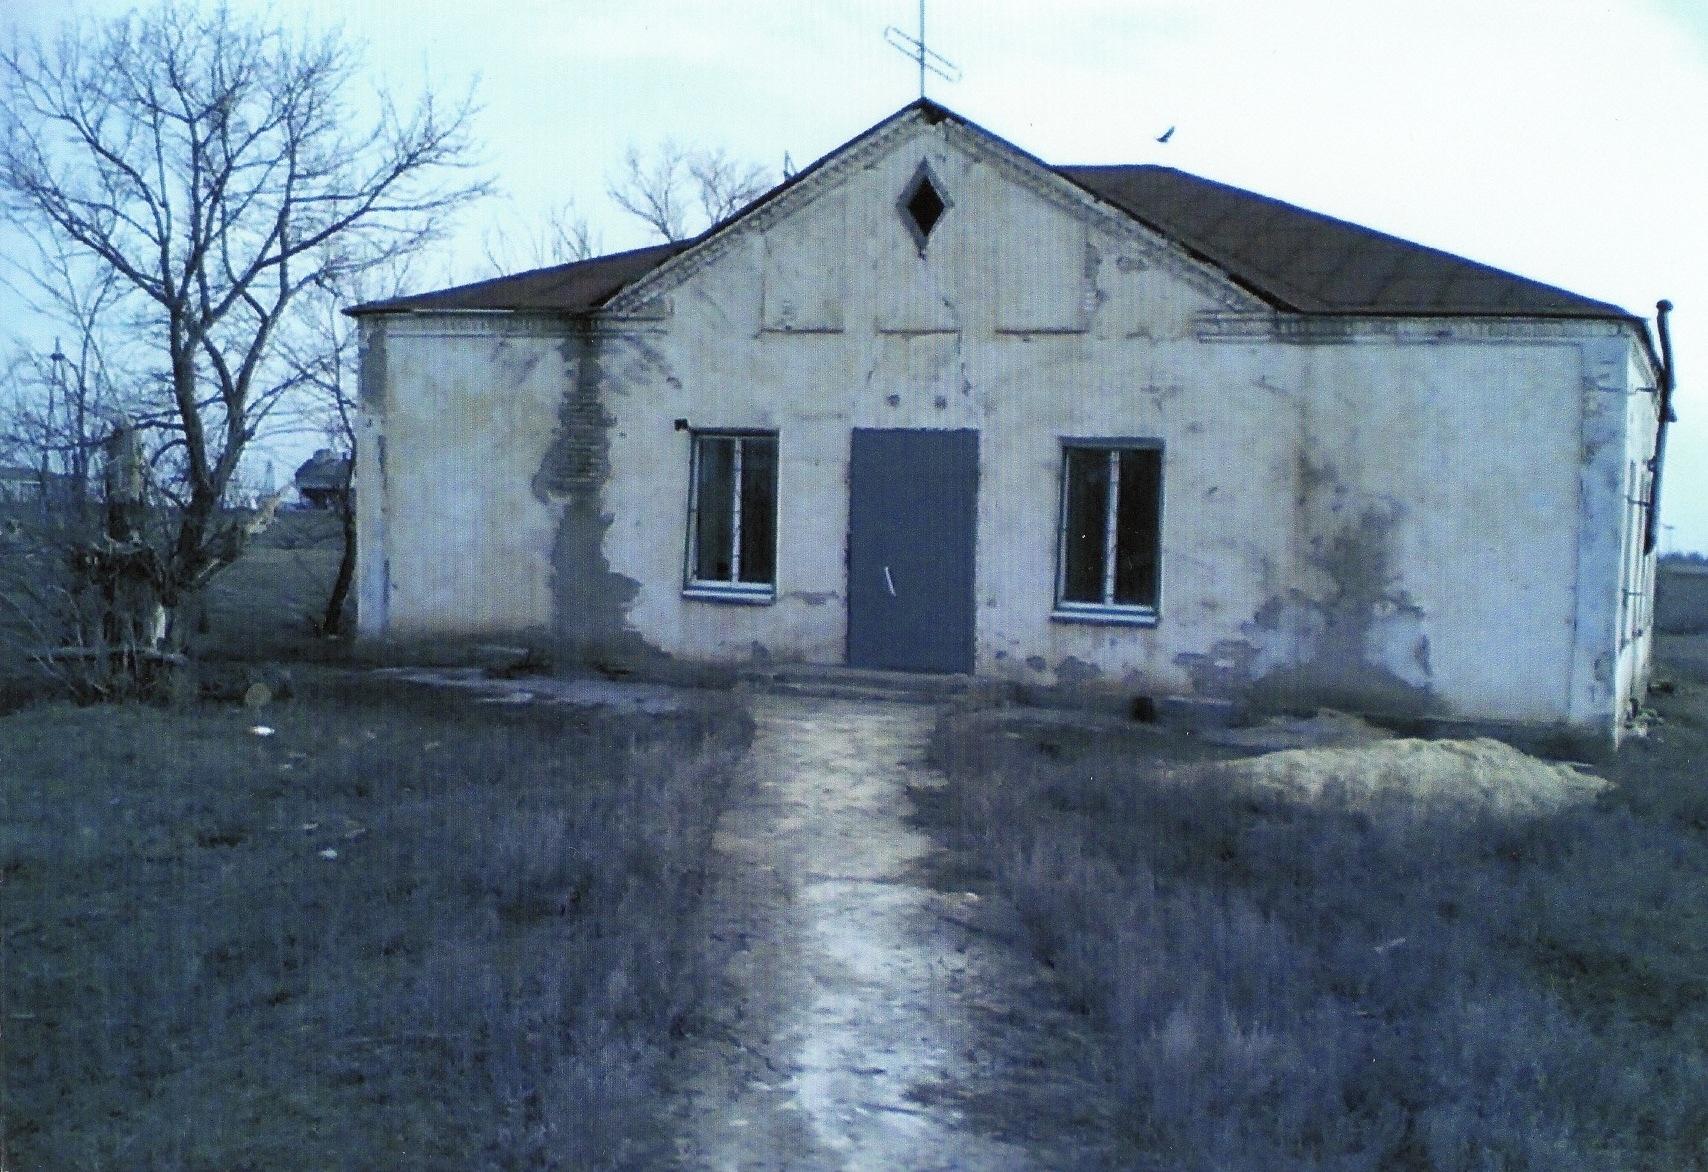 Hram-v-kotlubani-10-let-nazad-8